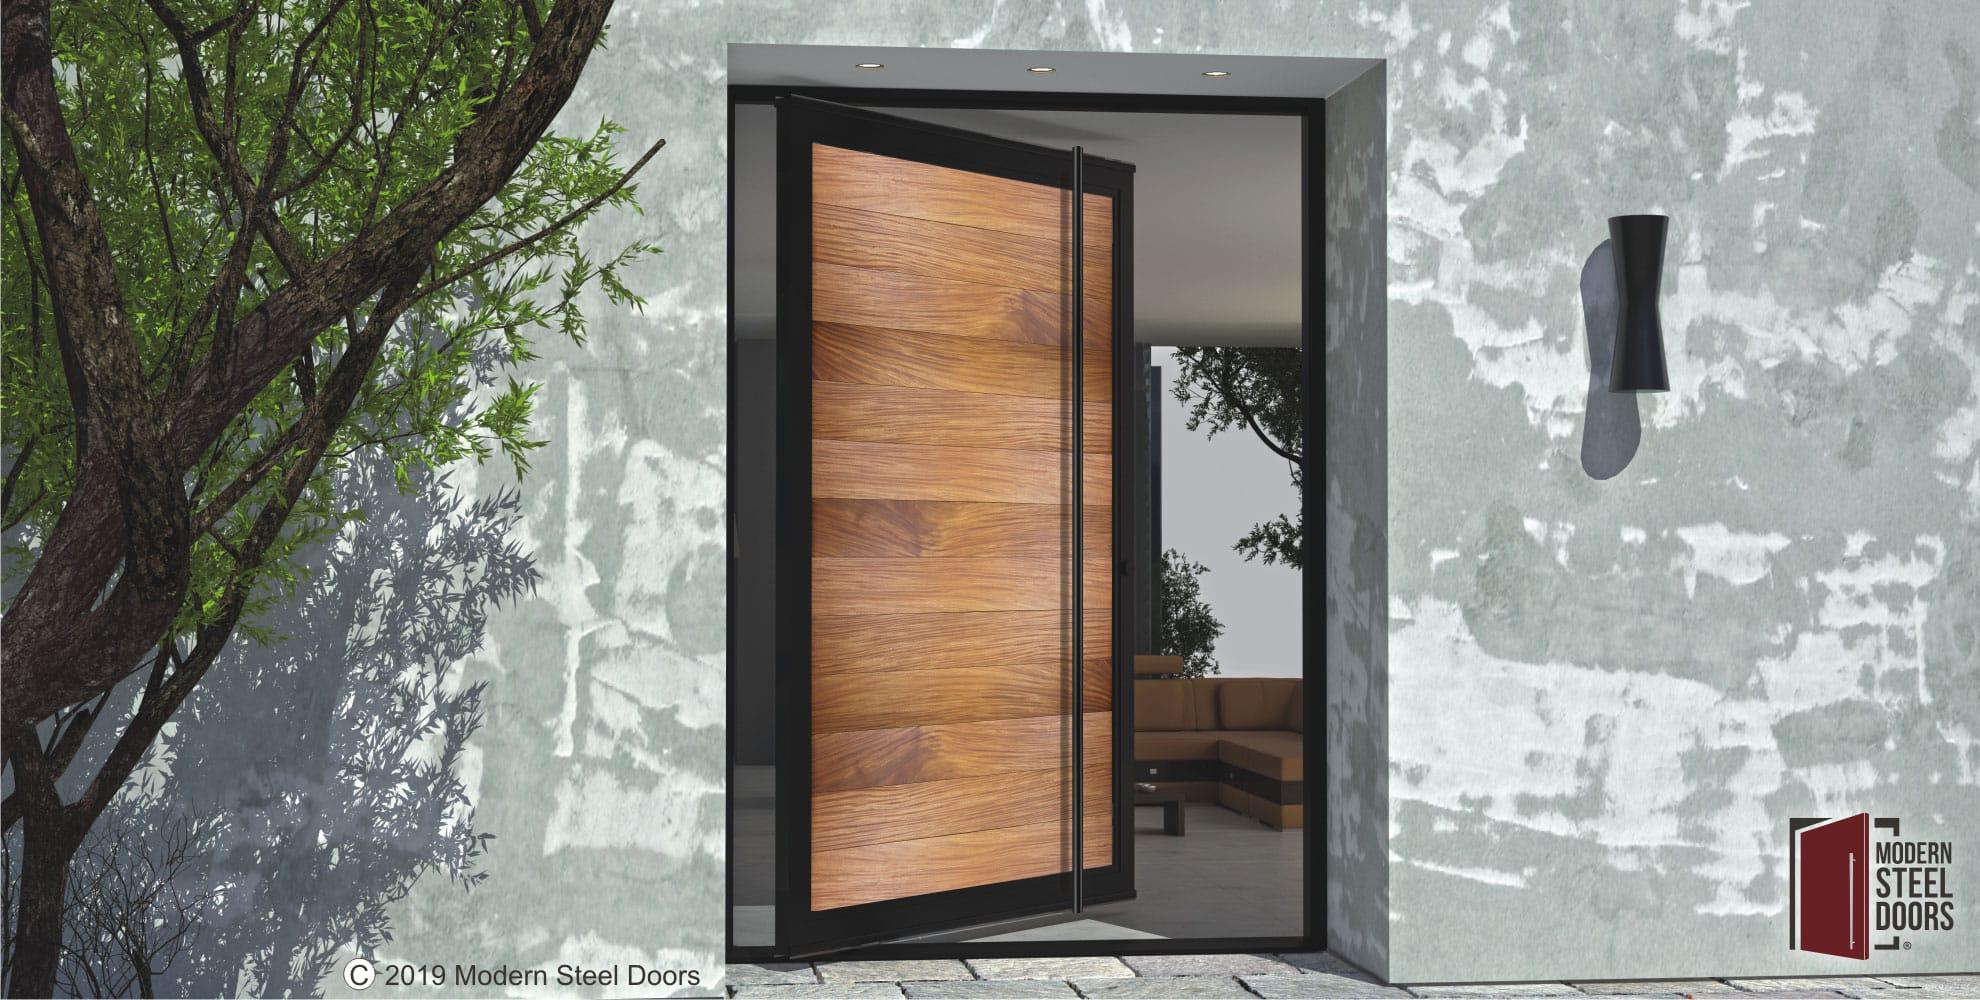 TEAK-FULL-VIEW-SINGLE-DOOR-WITH-MATCHING-ROUND-DOOR-LENGTH-PULLS